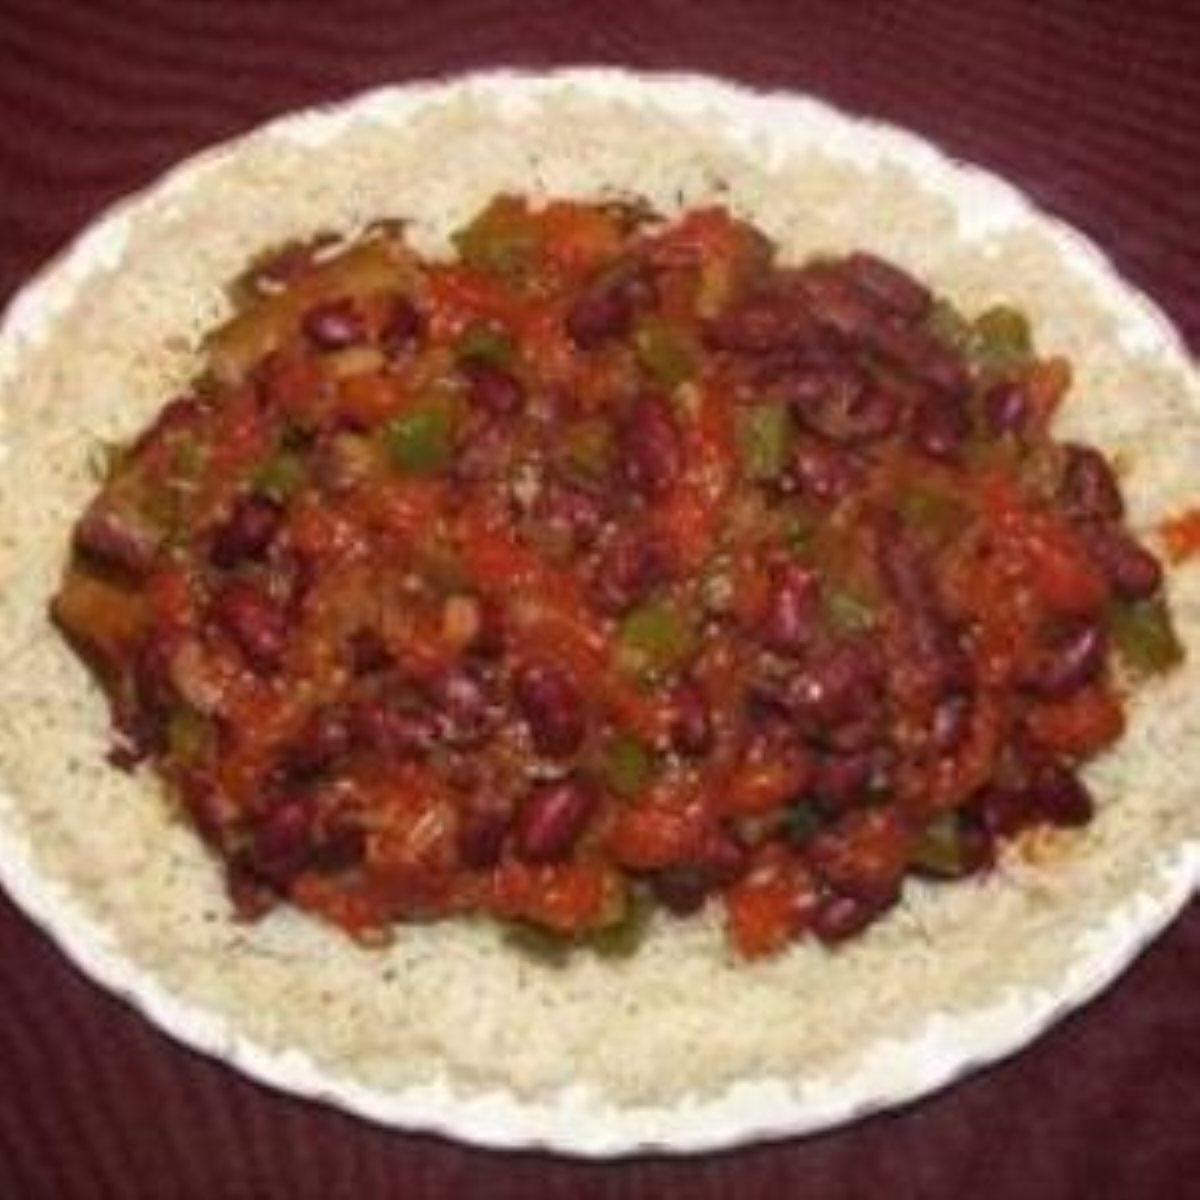 ... cheese spread slow cooker bacon brown sugar baked beans texas ranger